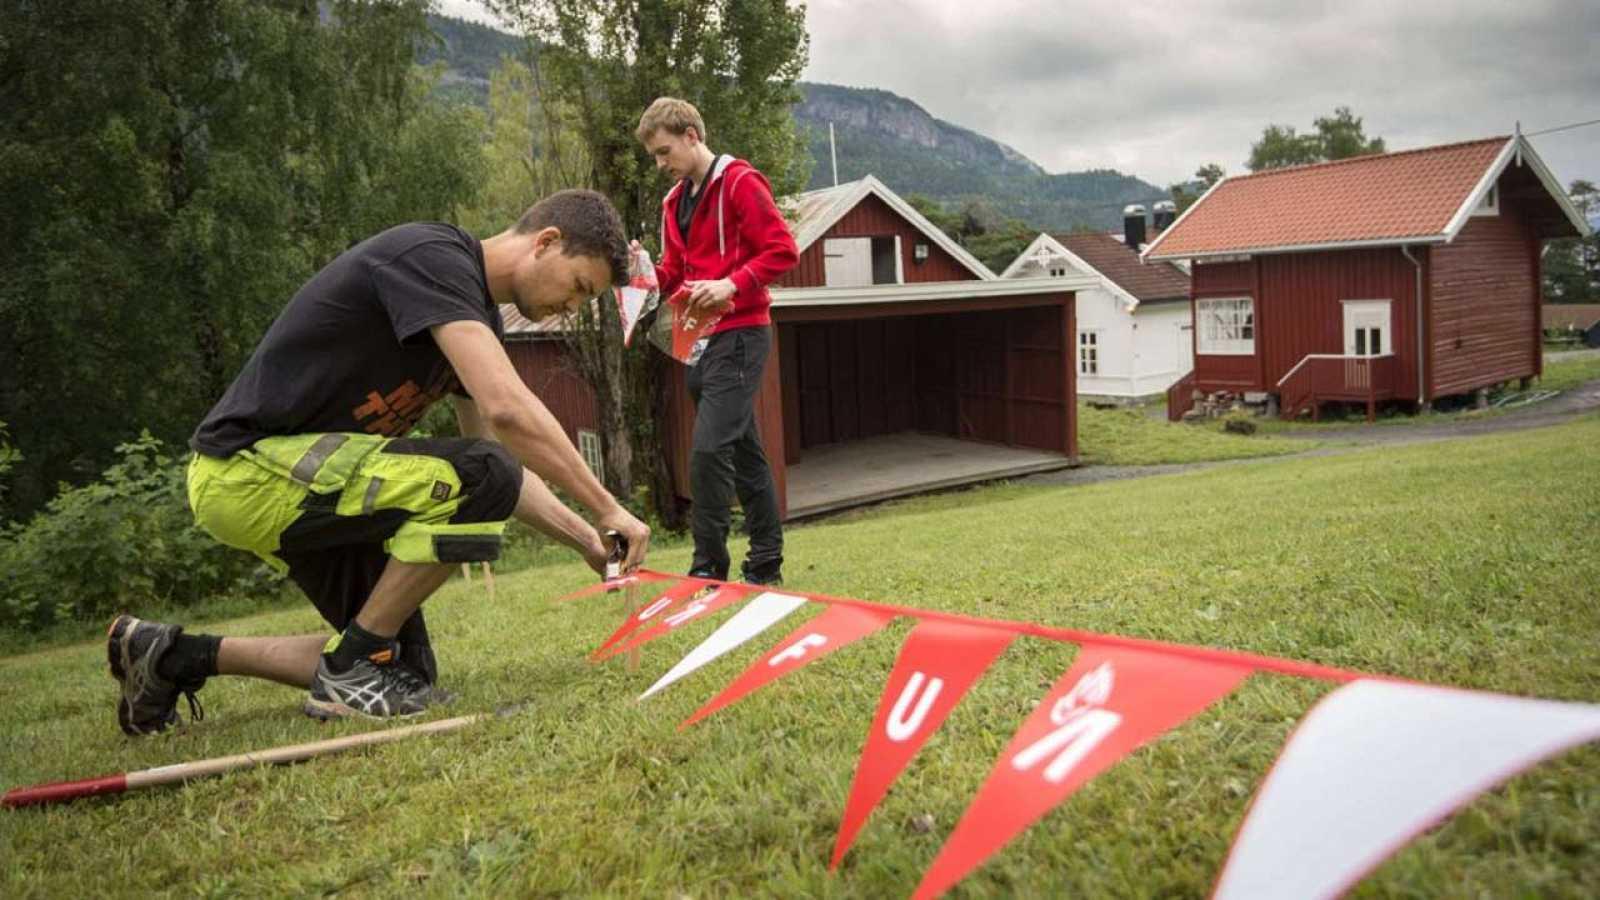 Activistas colocan banderas del Partido Laborista noruega (UAF) en Utoya, en los preparativos de la reapertura del campamento